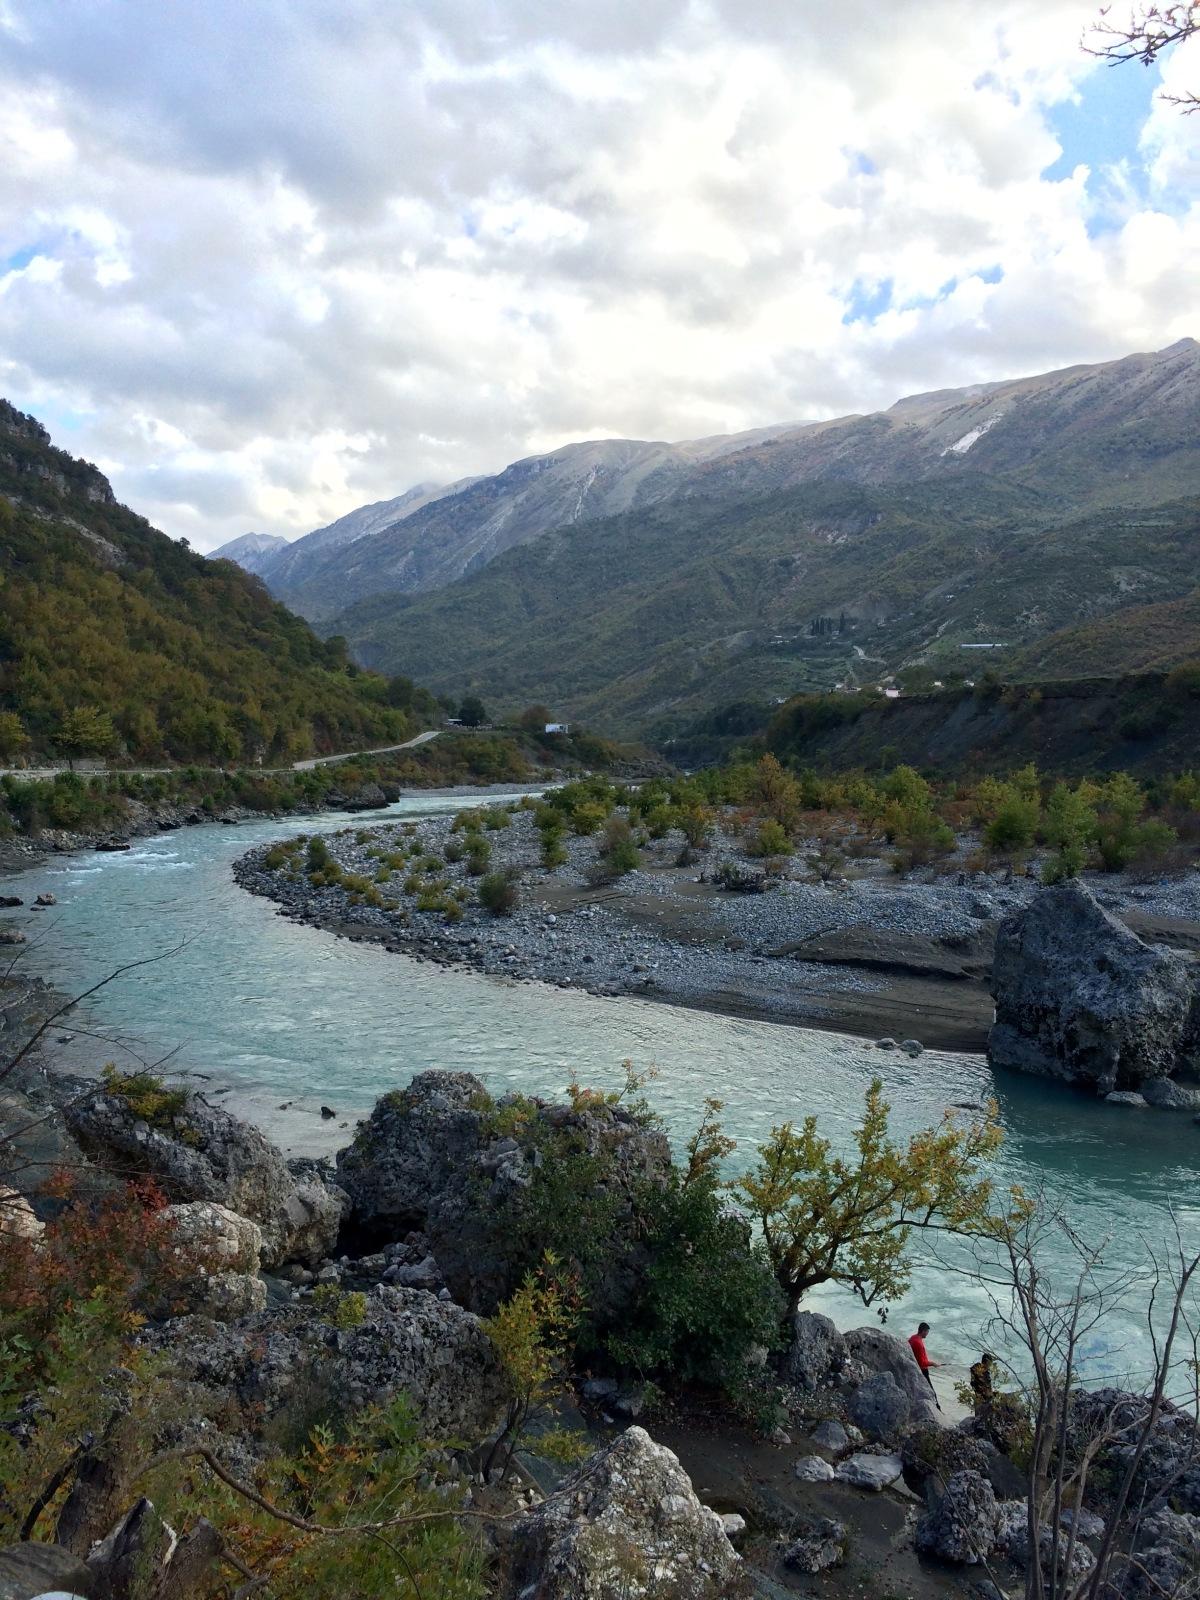 Balkans 2016 – Day 30 : Germenj to Permet,Albania